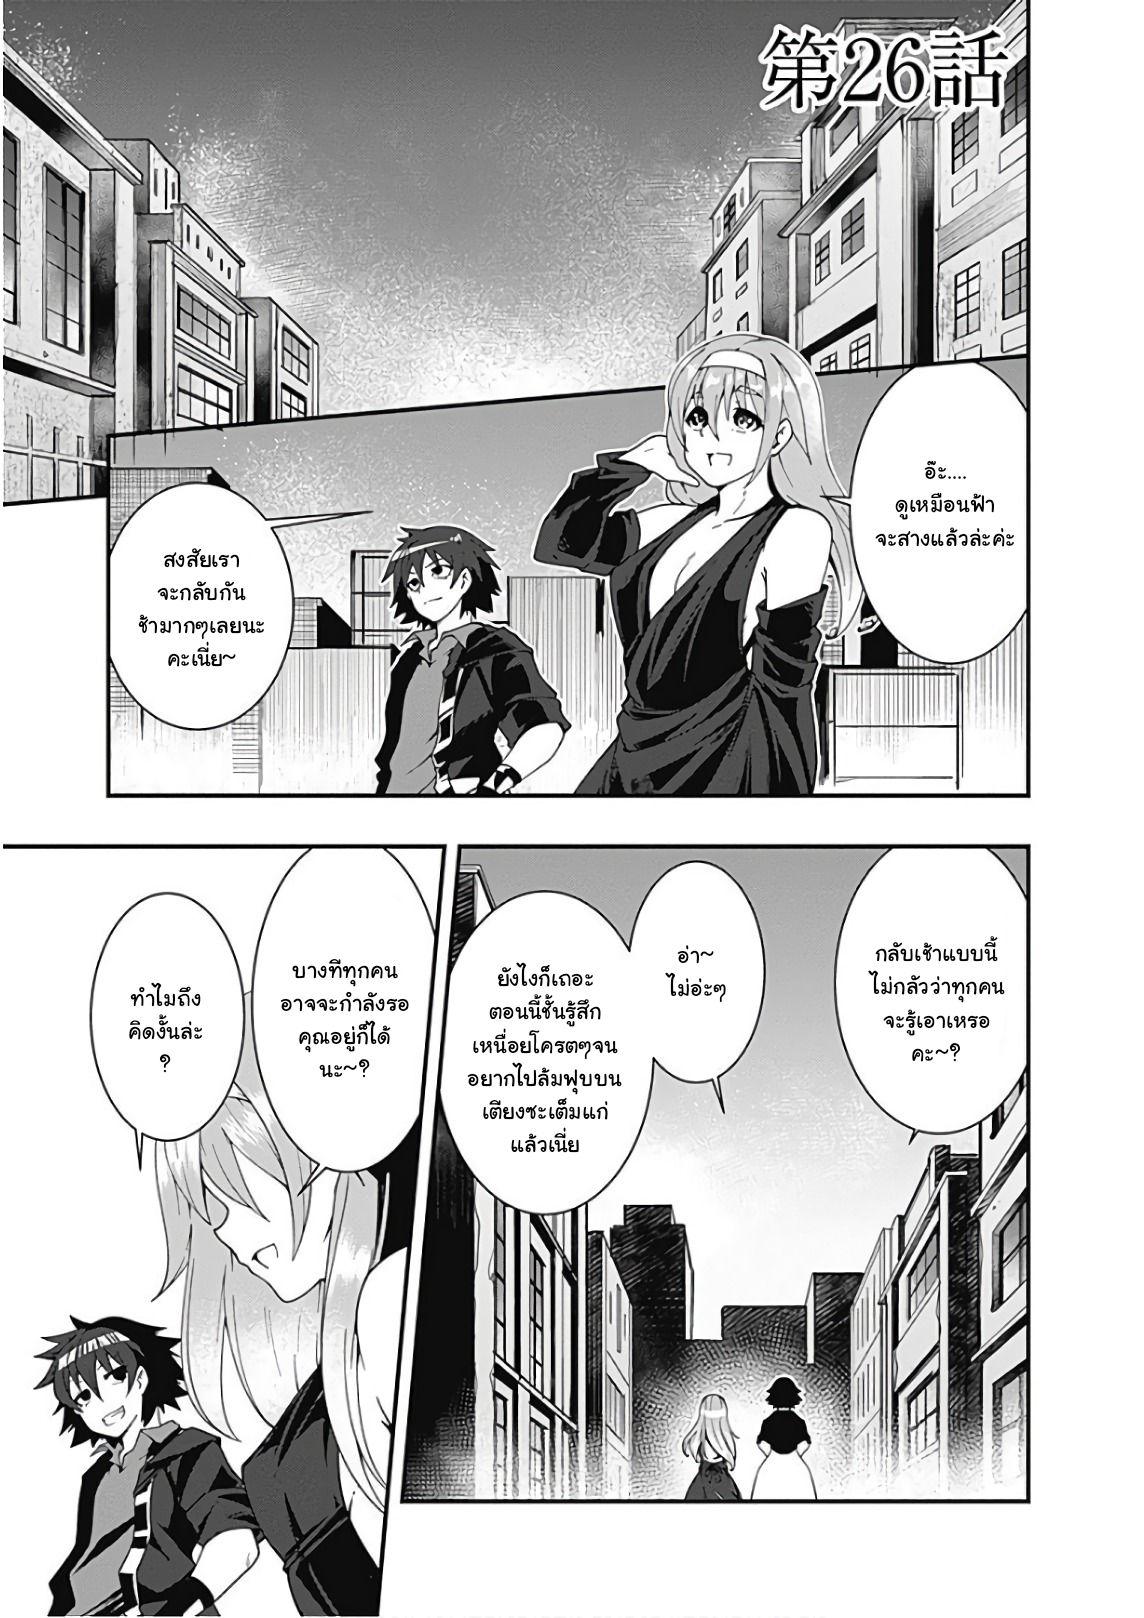 อ่านการ์ตูน Jichou shinai Motoyuusha no Tsuyokute Tanoshii New Game ตอนที่ 26 หน้าที่ 2